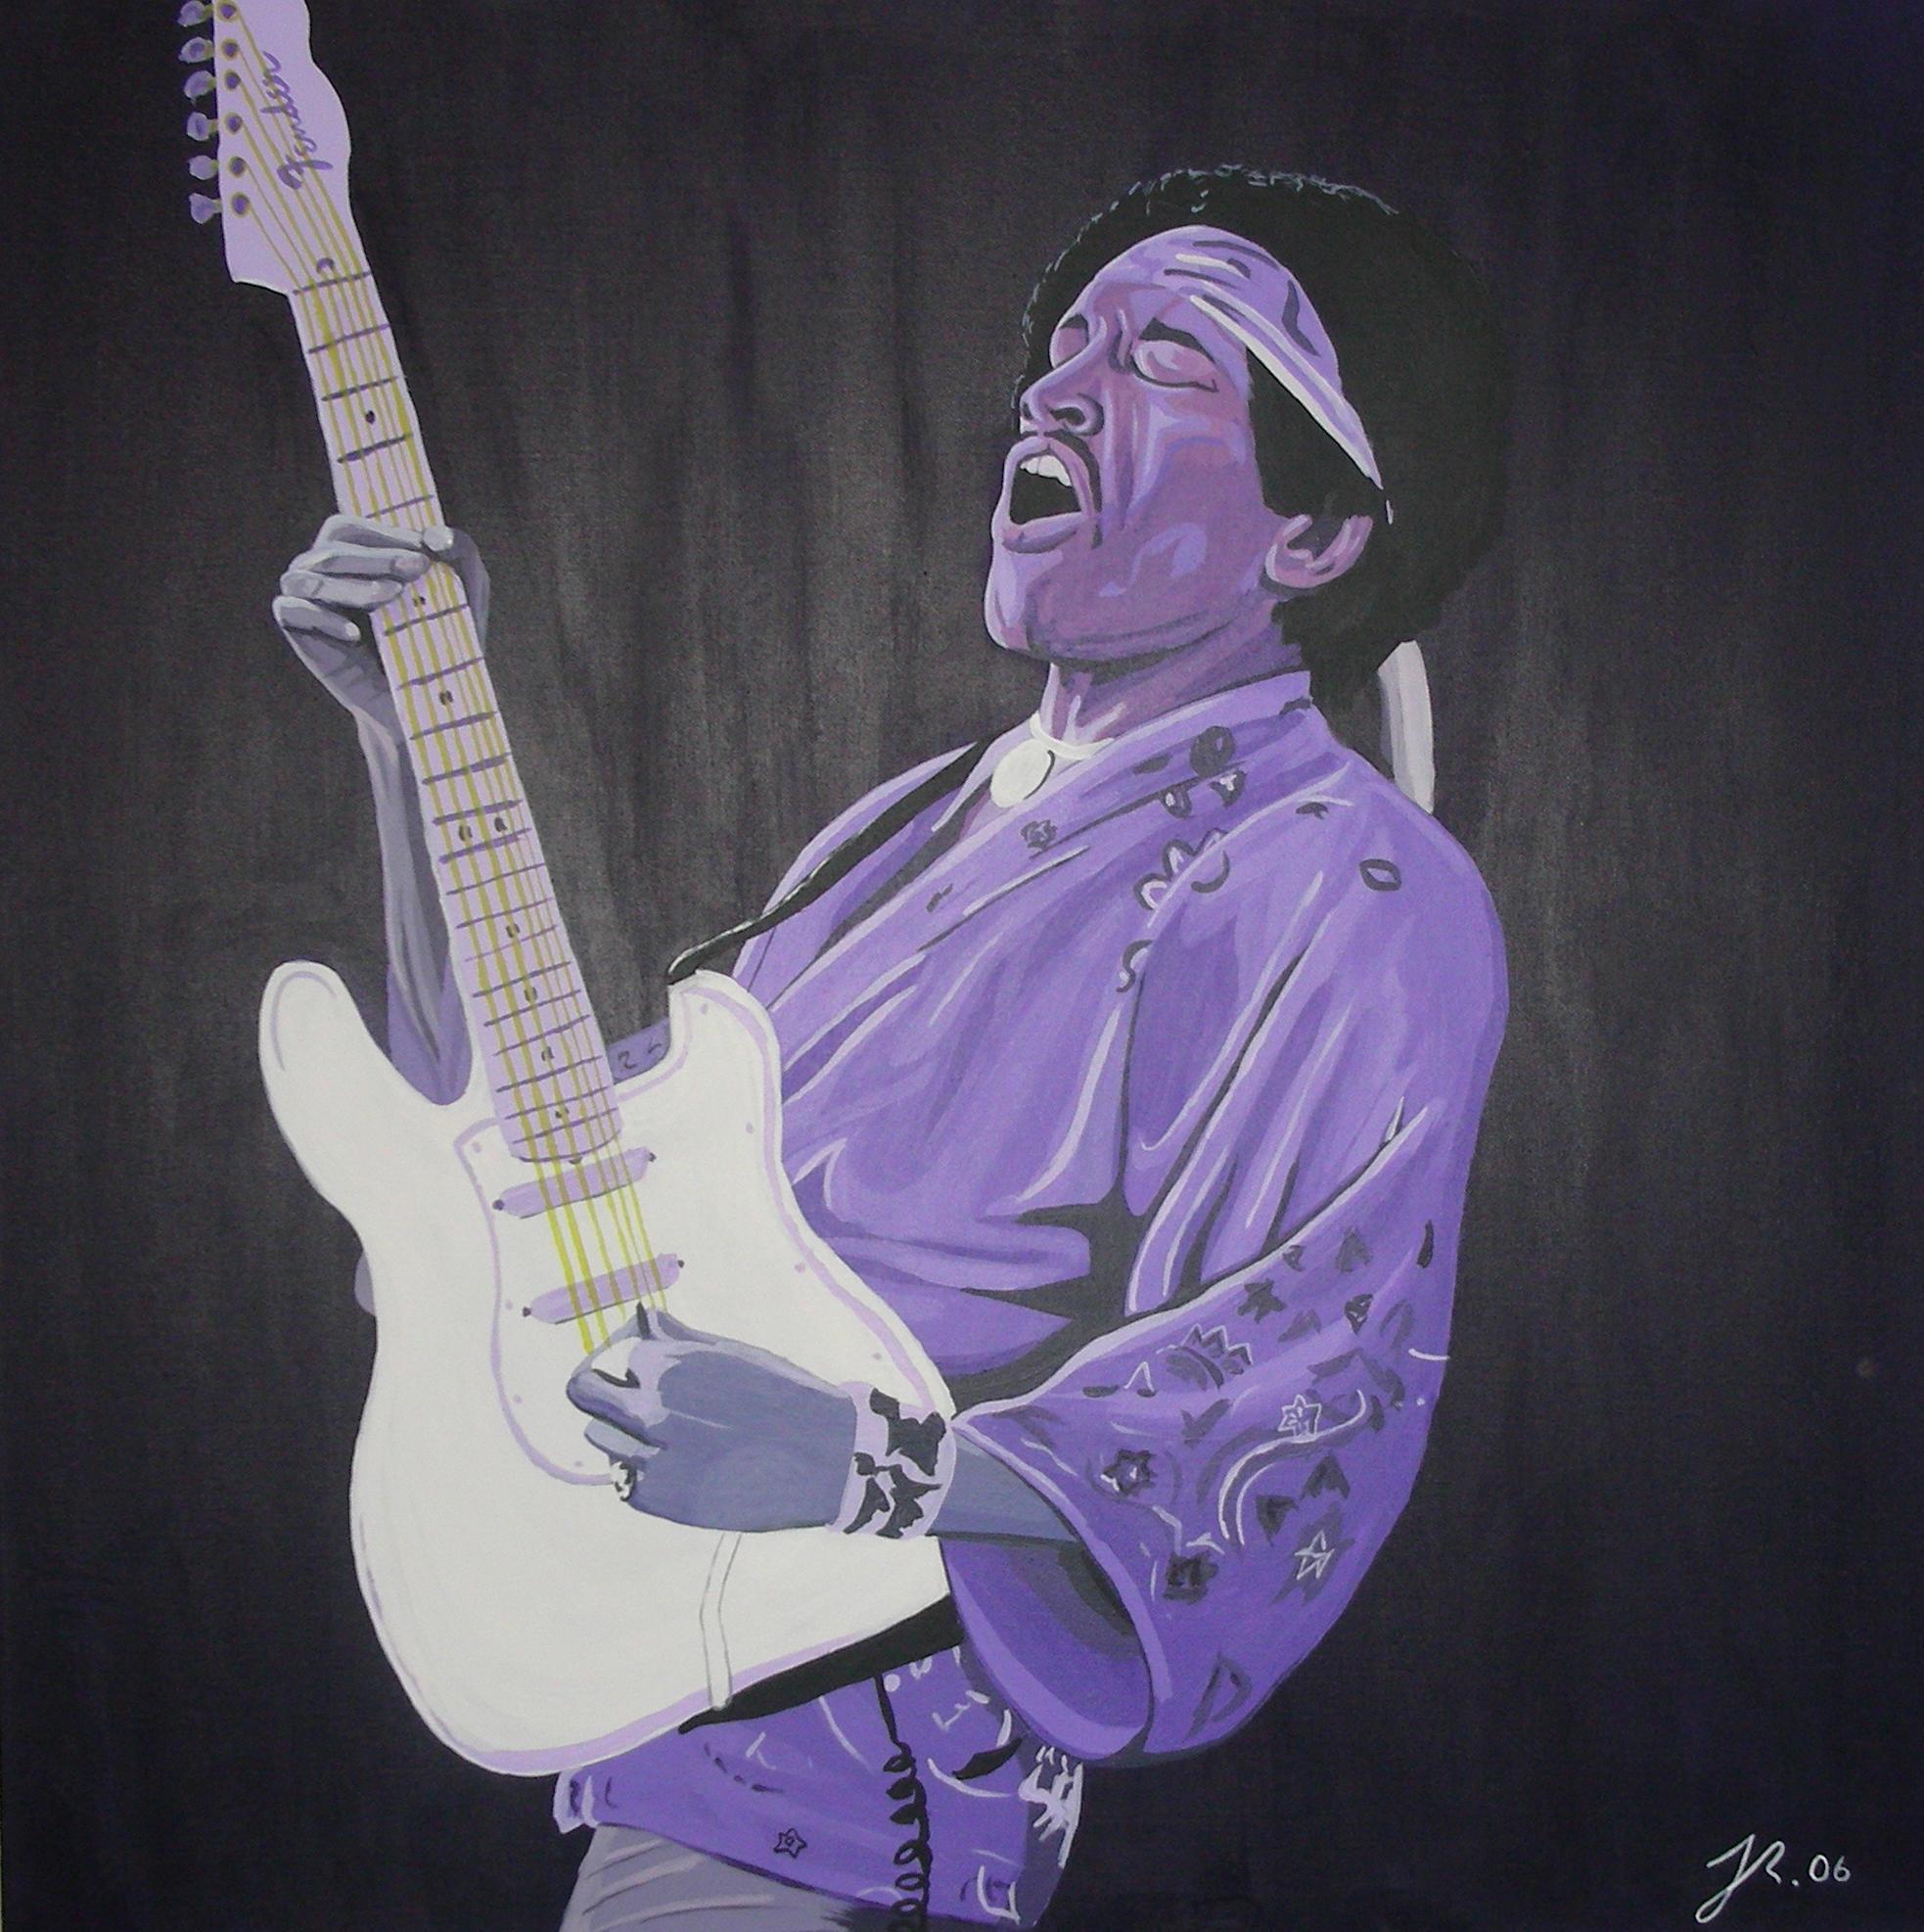 Jimi Hendrix purple haze by purposemaker on DeviantArt